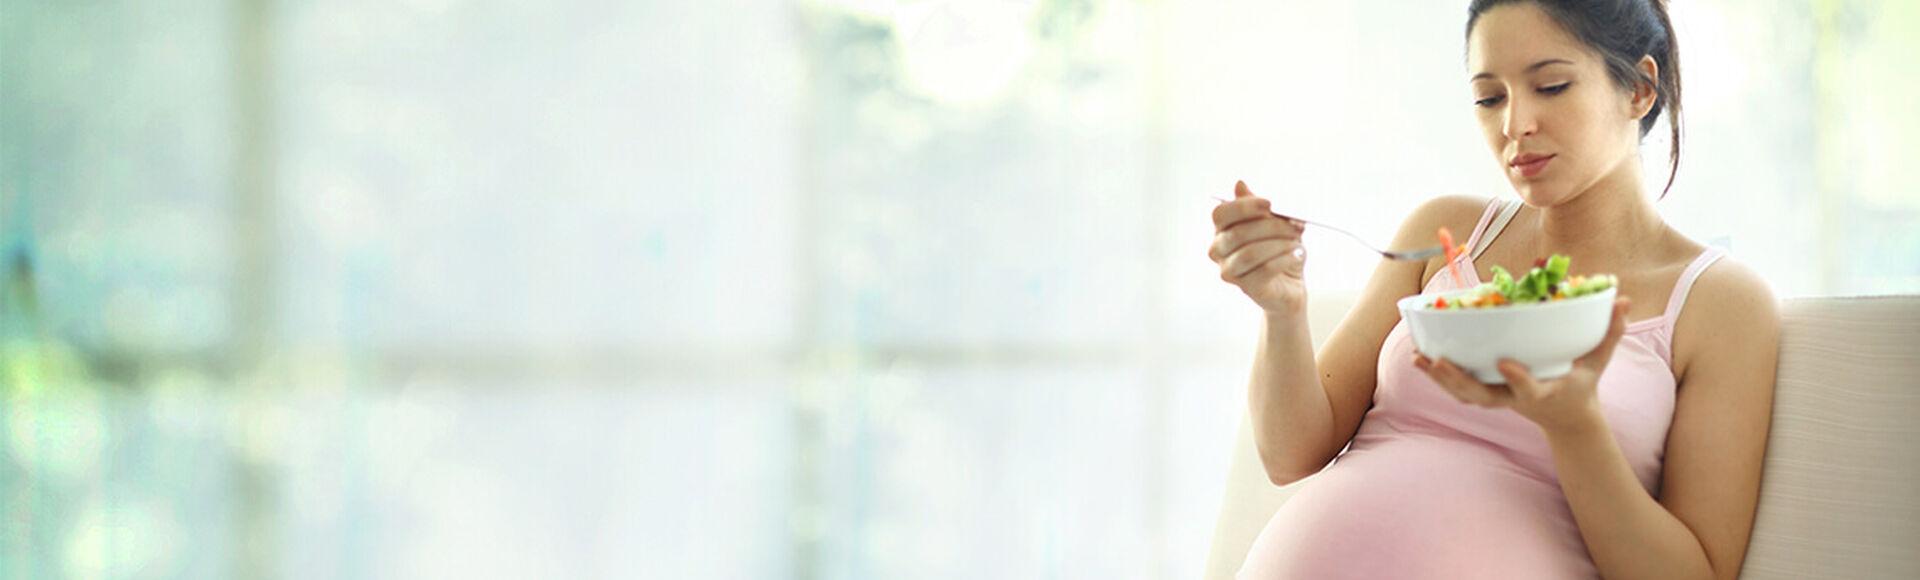 La nutrición de tu bebé durante la semana 7 | Más Abrazos by Huggies